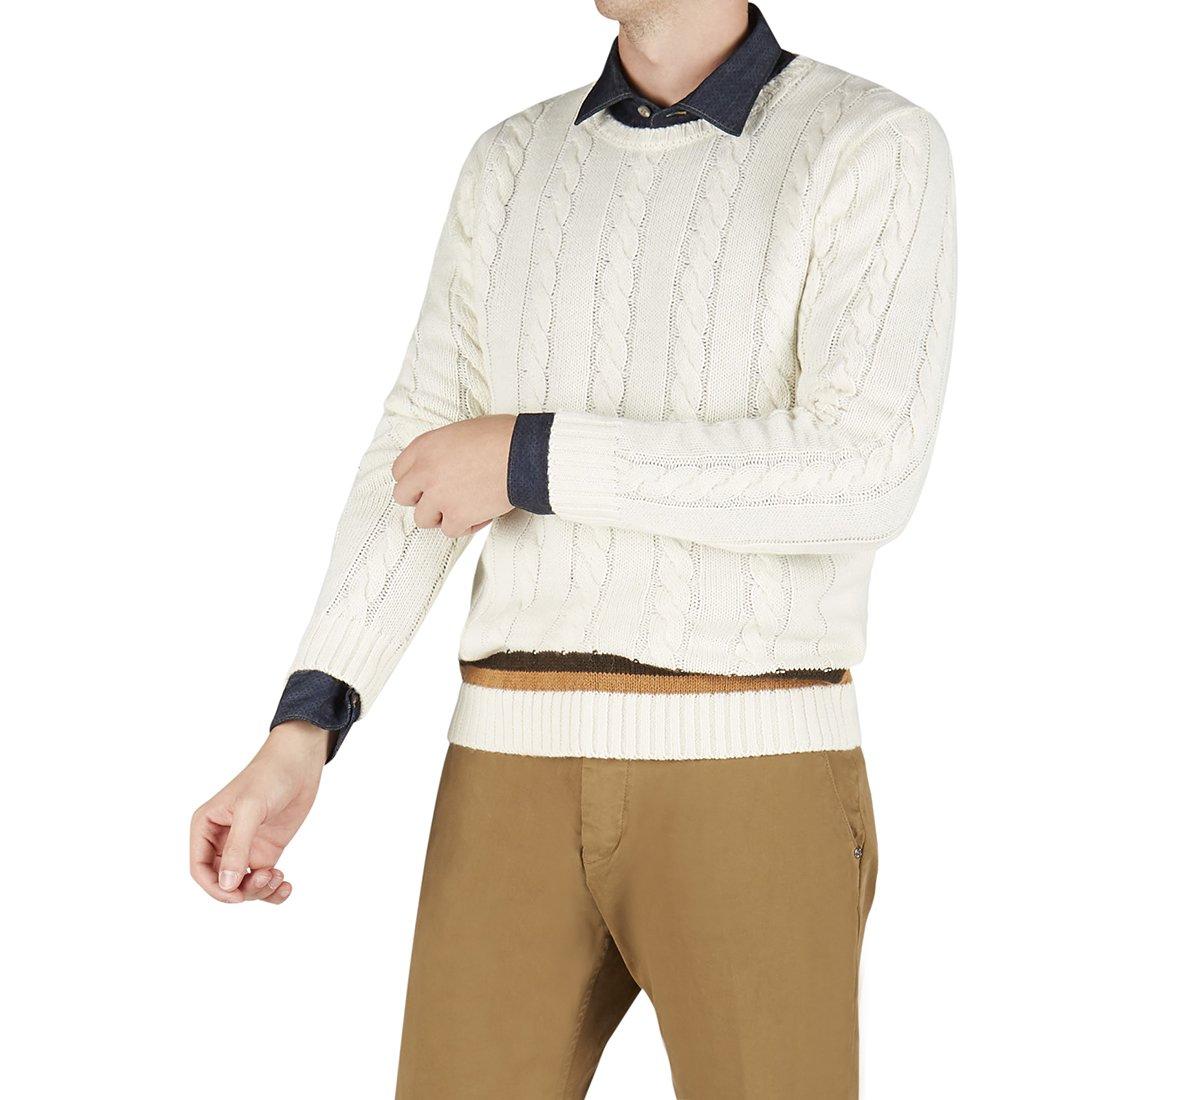 Maglione girocollo in lana e tessuto